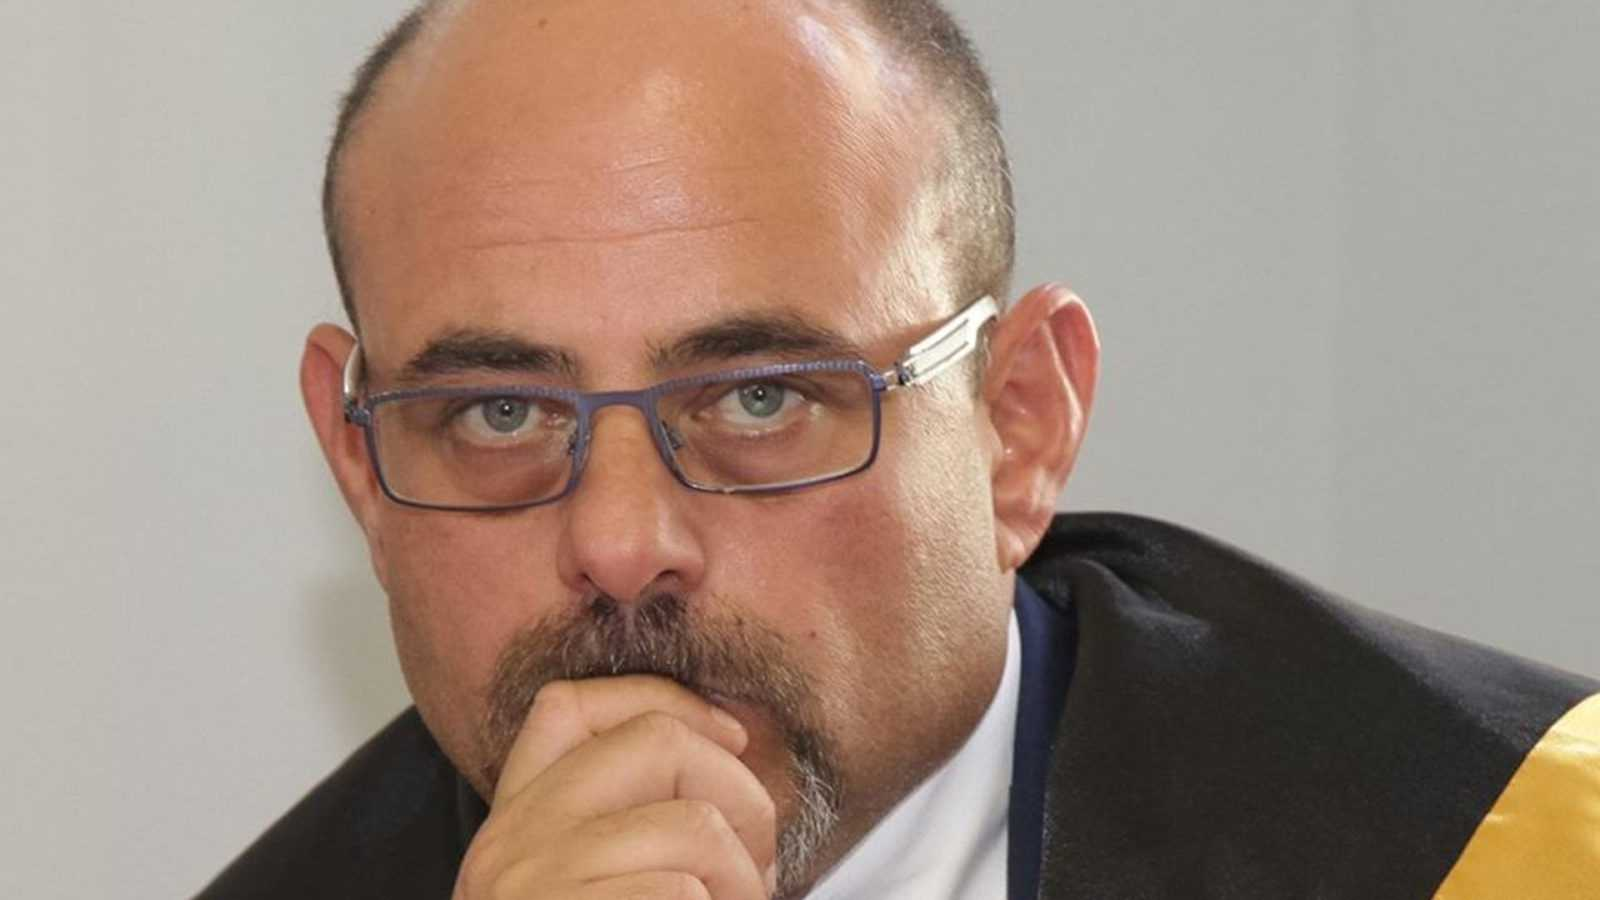 Stefano Biagiotti, docente e Responsabile della sede di esame di Montepulciano presso l'Università telematica Pegaso.